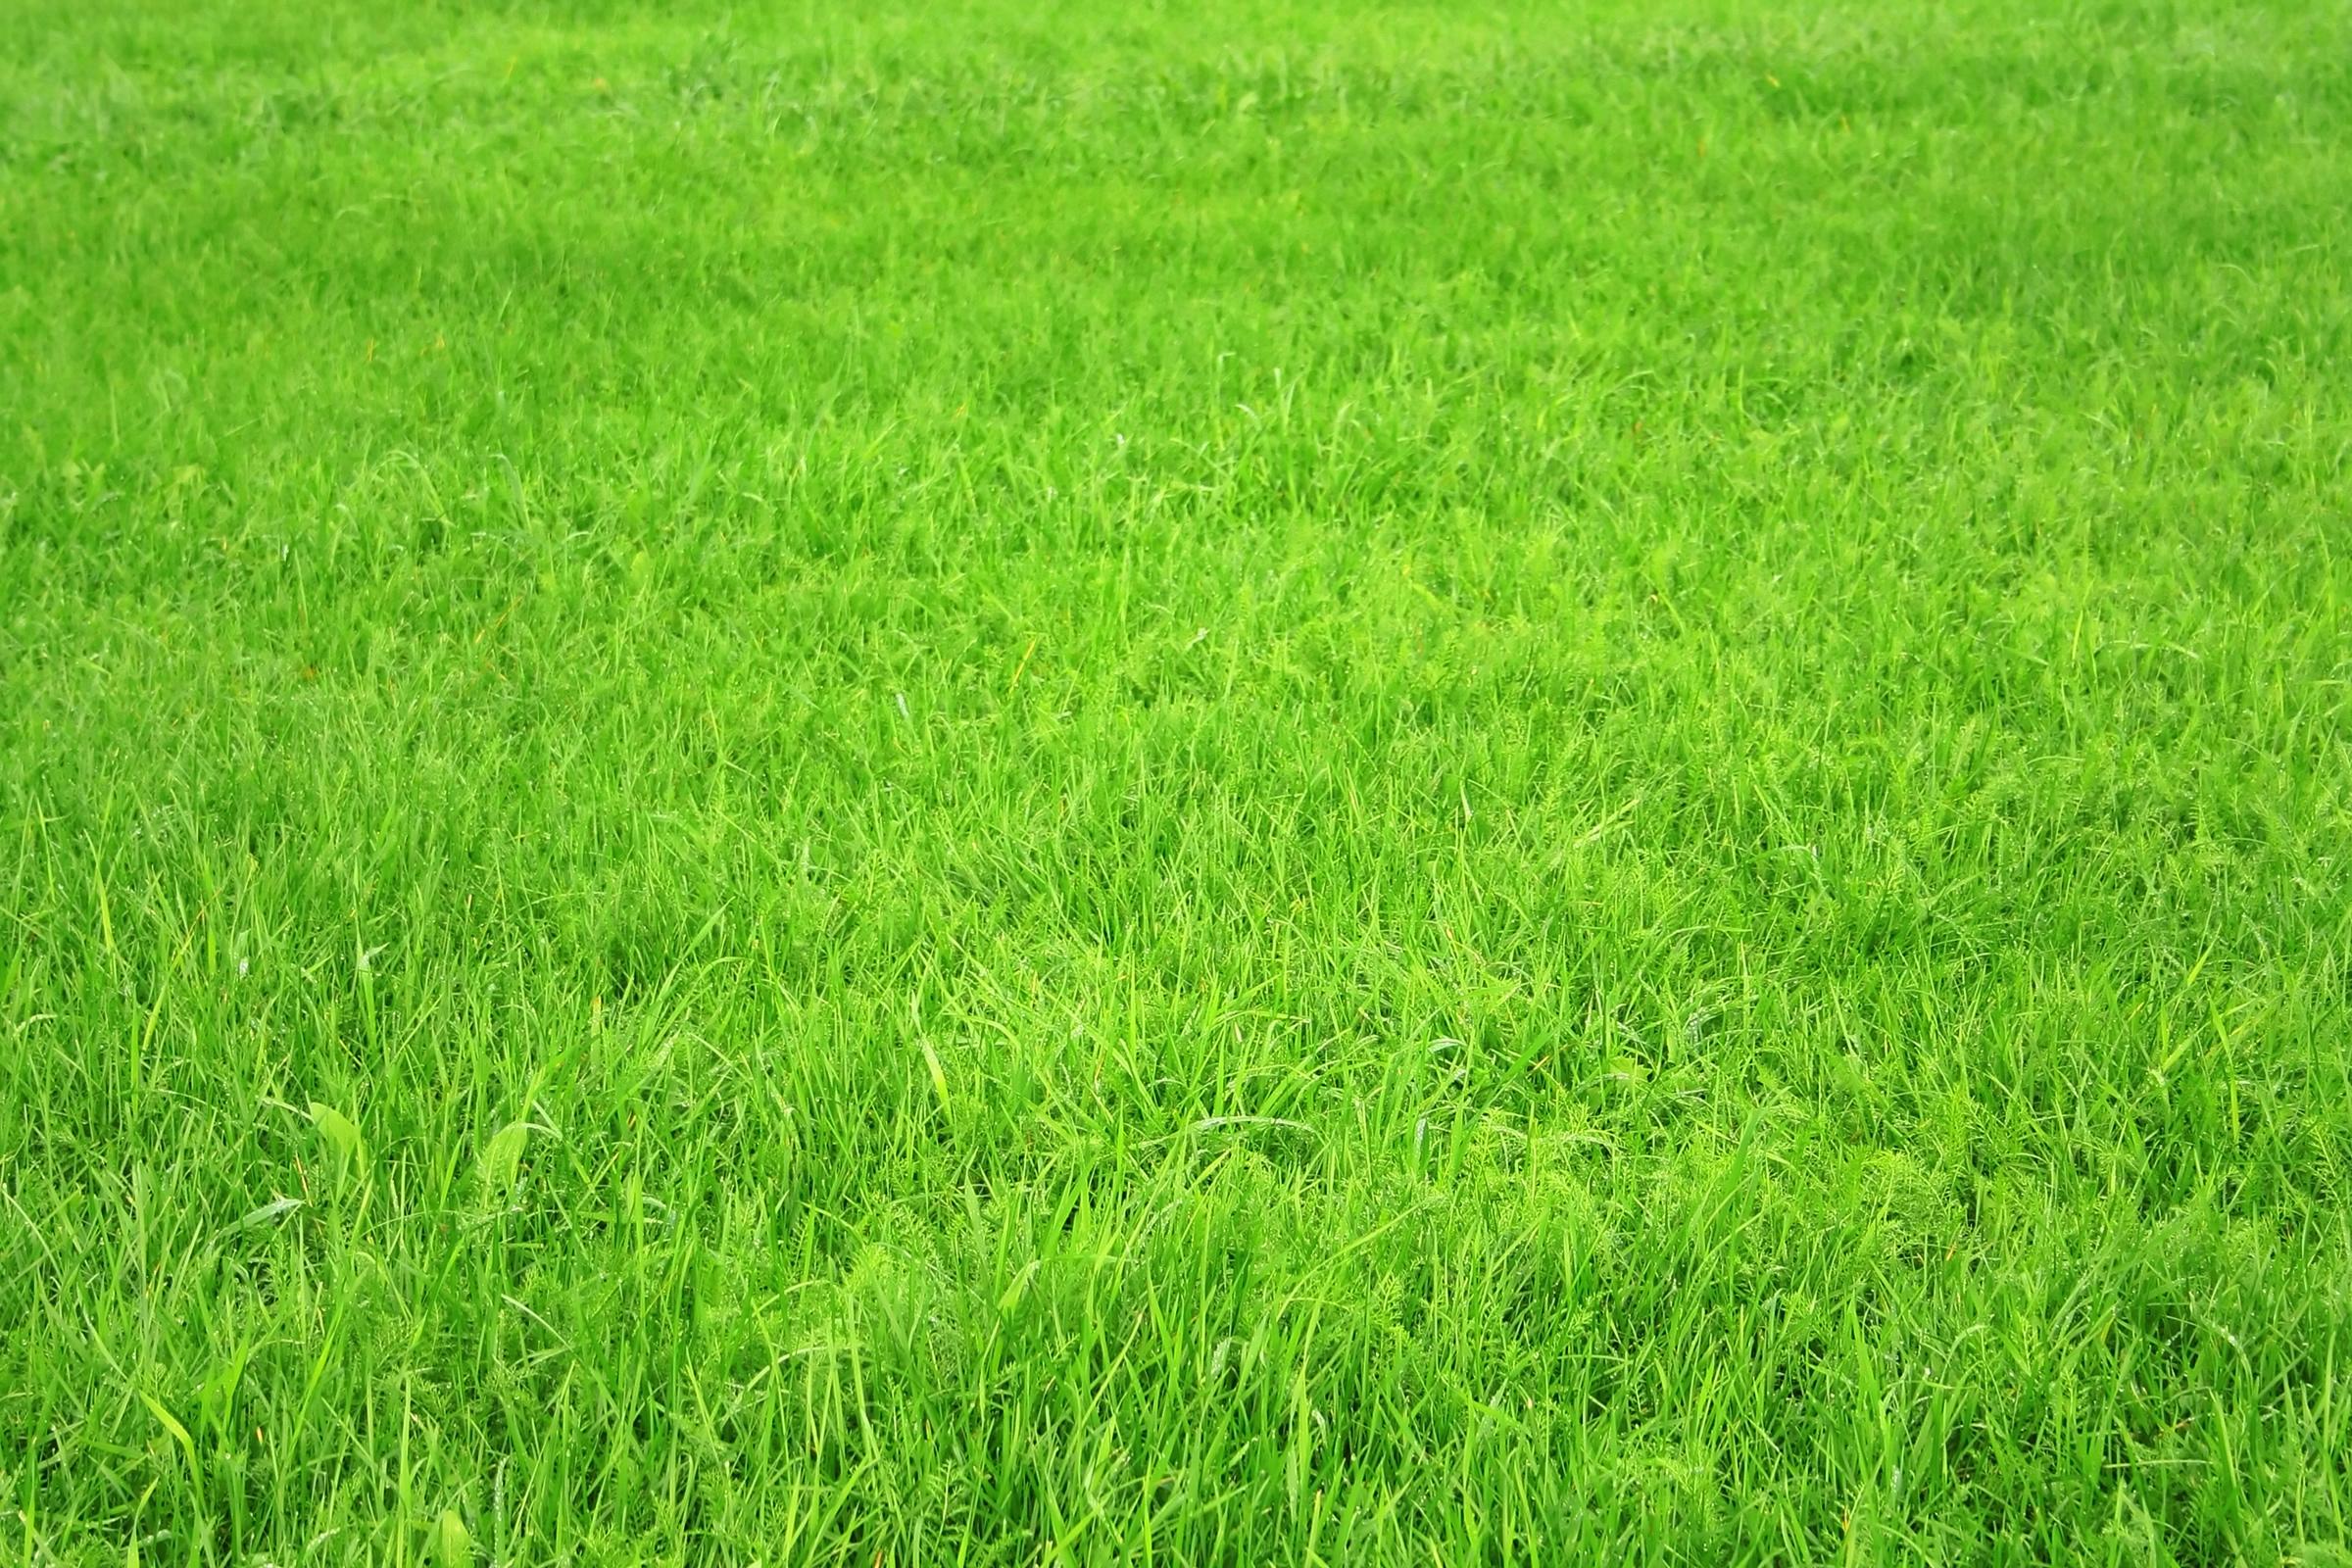 Download wallpaper: green Grass, texture grass, desktop wallpapers